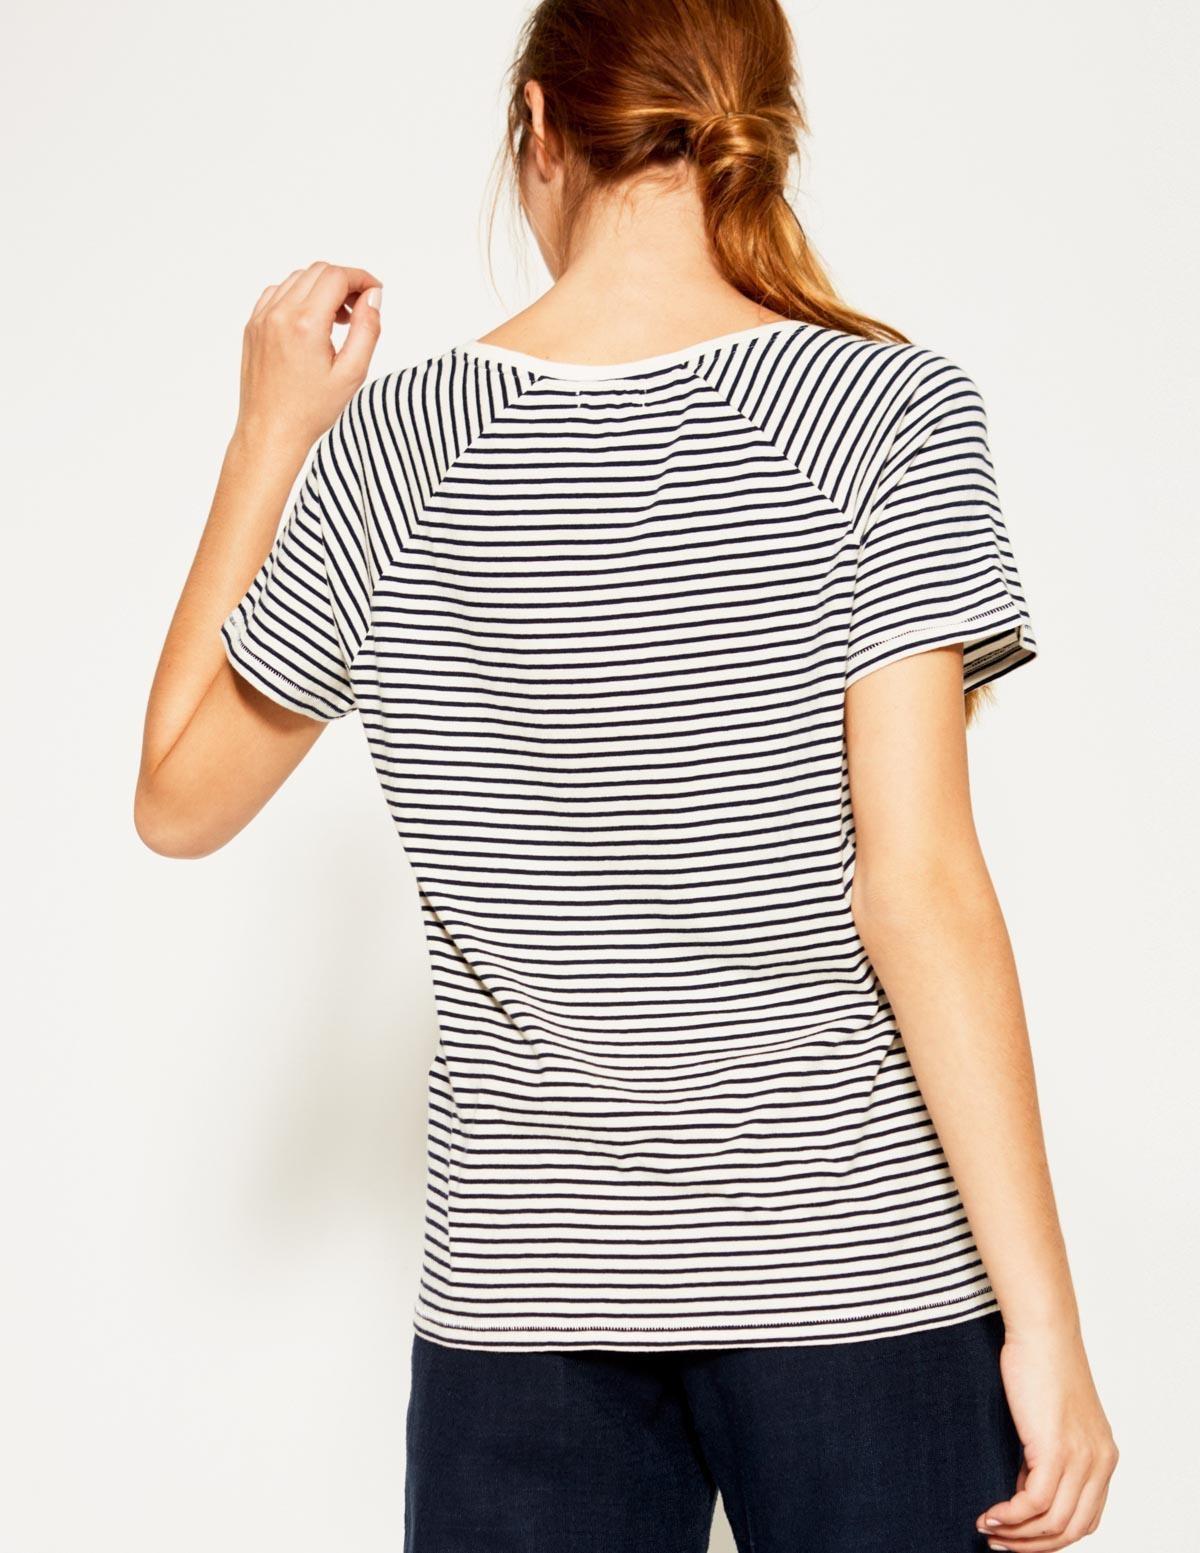 Camiseta básica - Ítem2